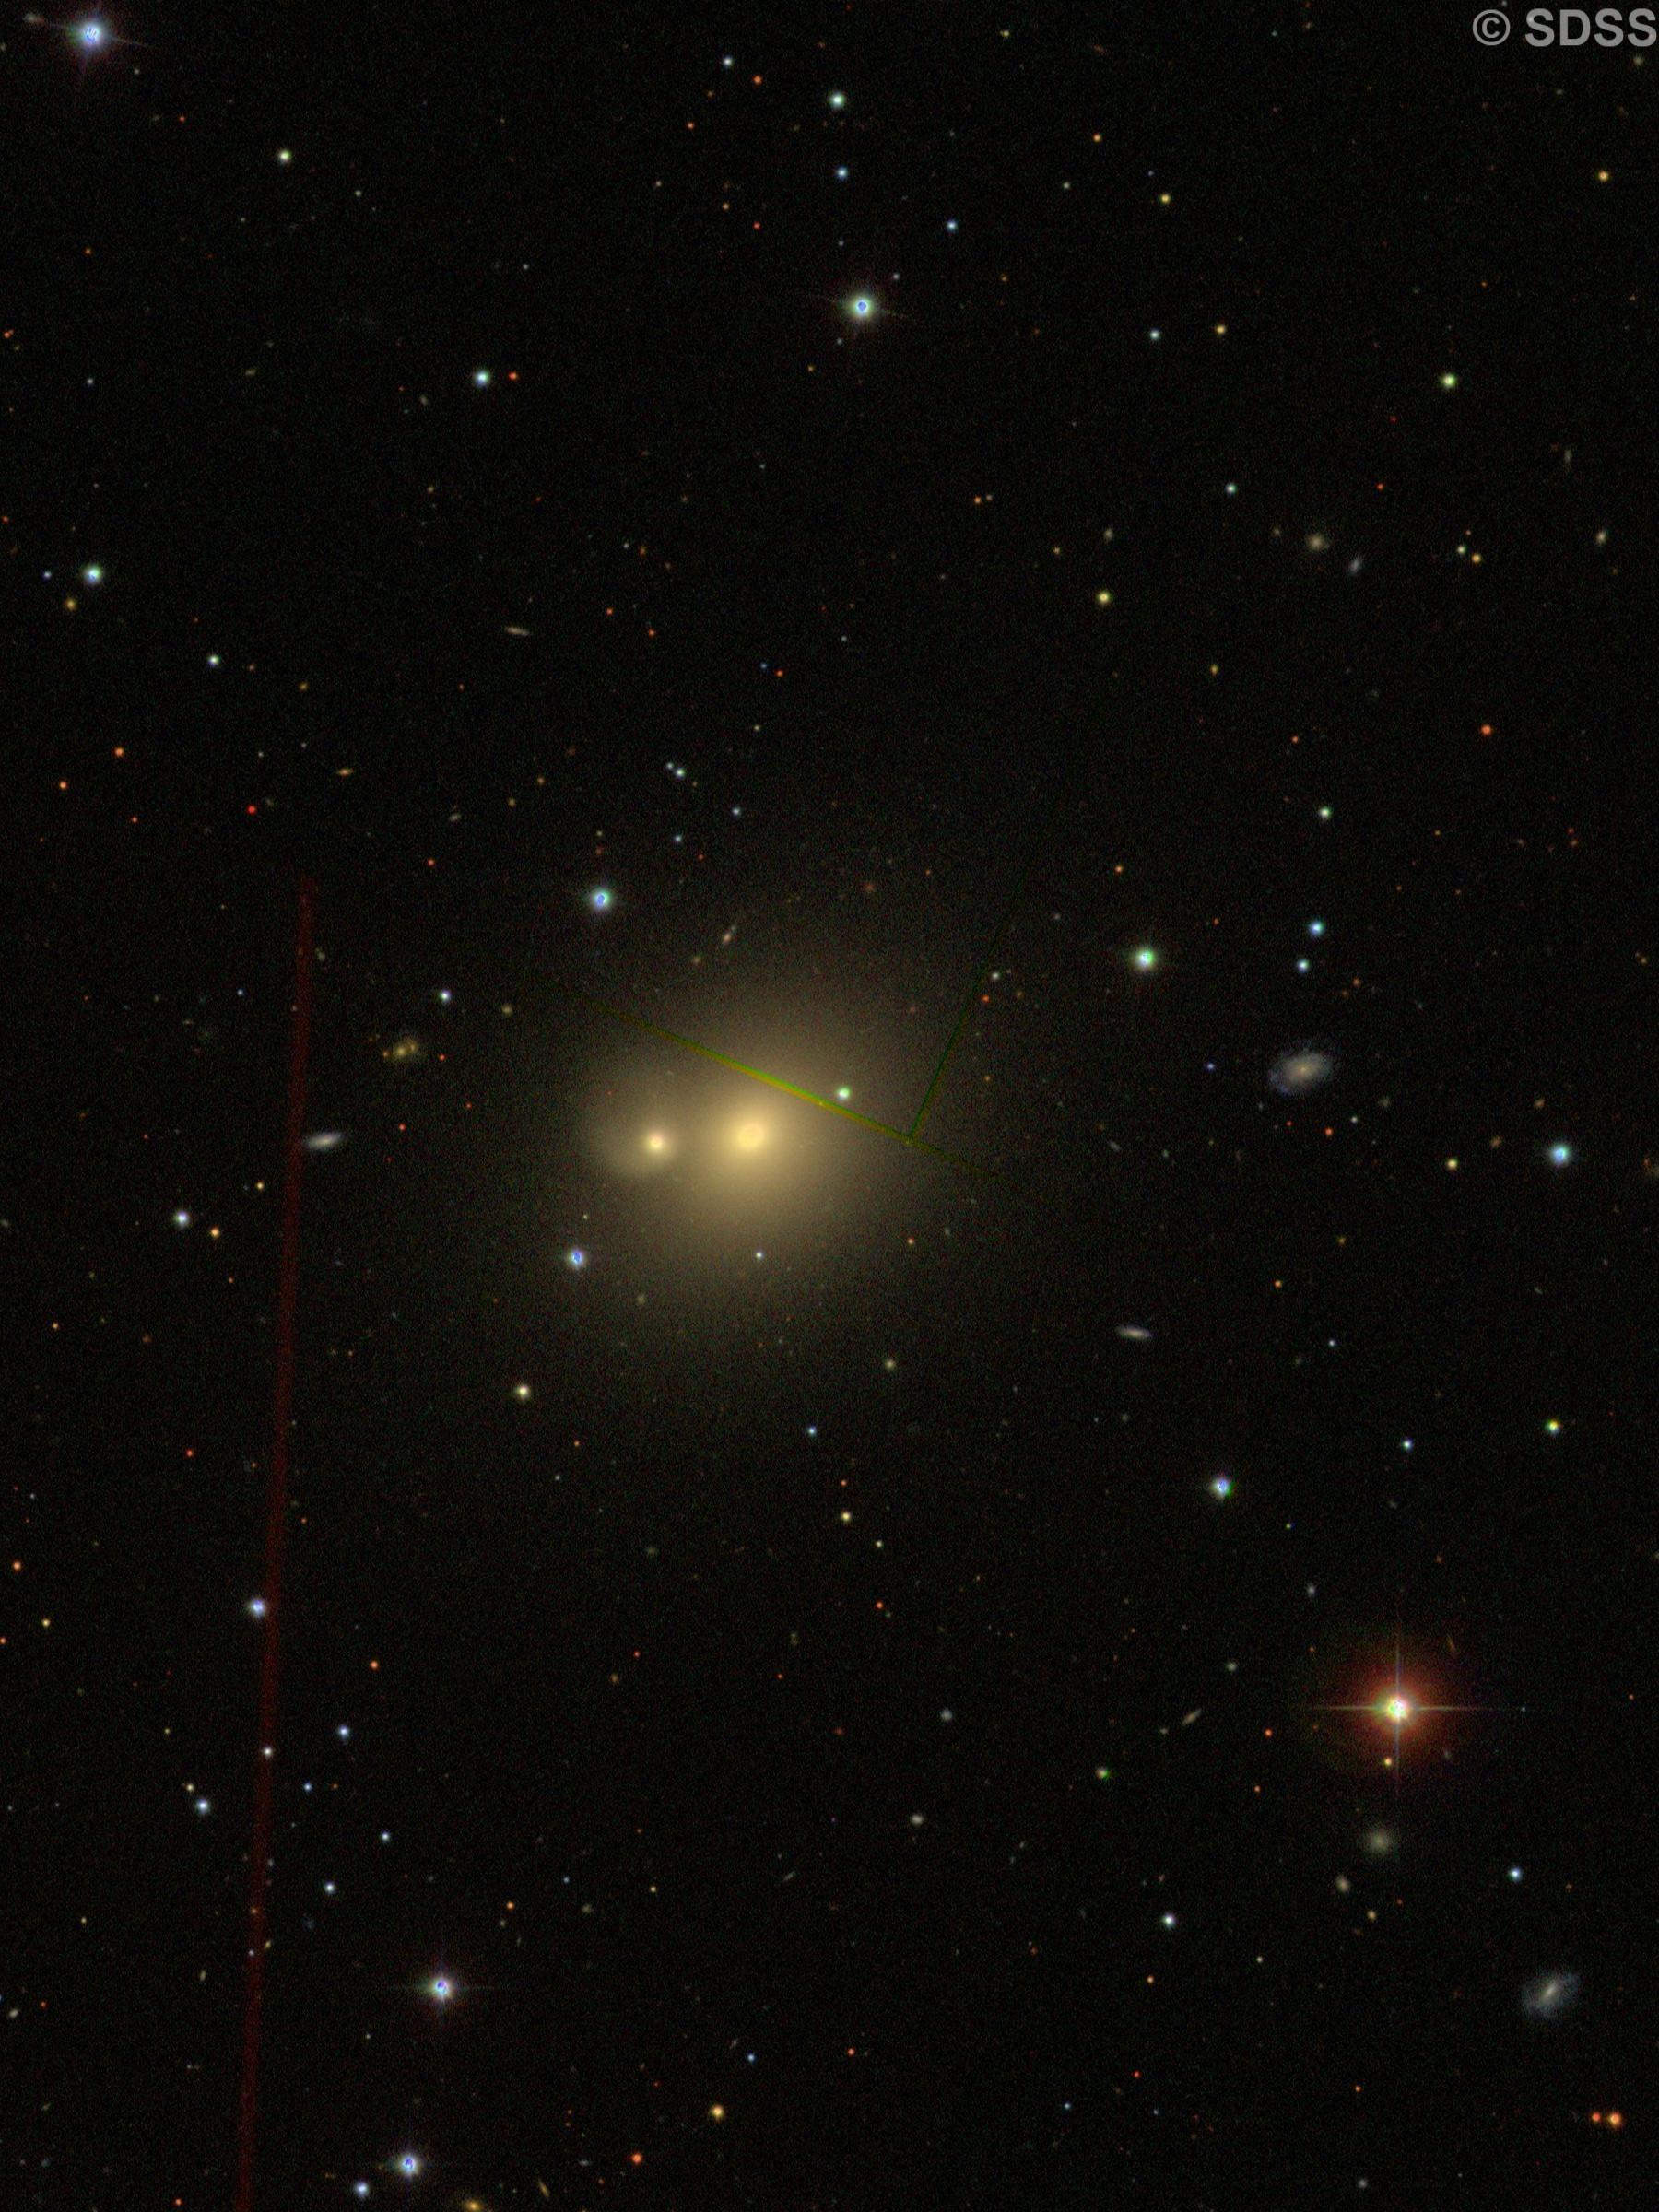 NGC 2672 + NGC 2673 = Arp 167